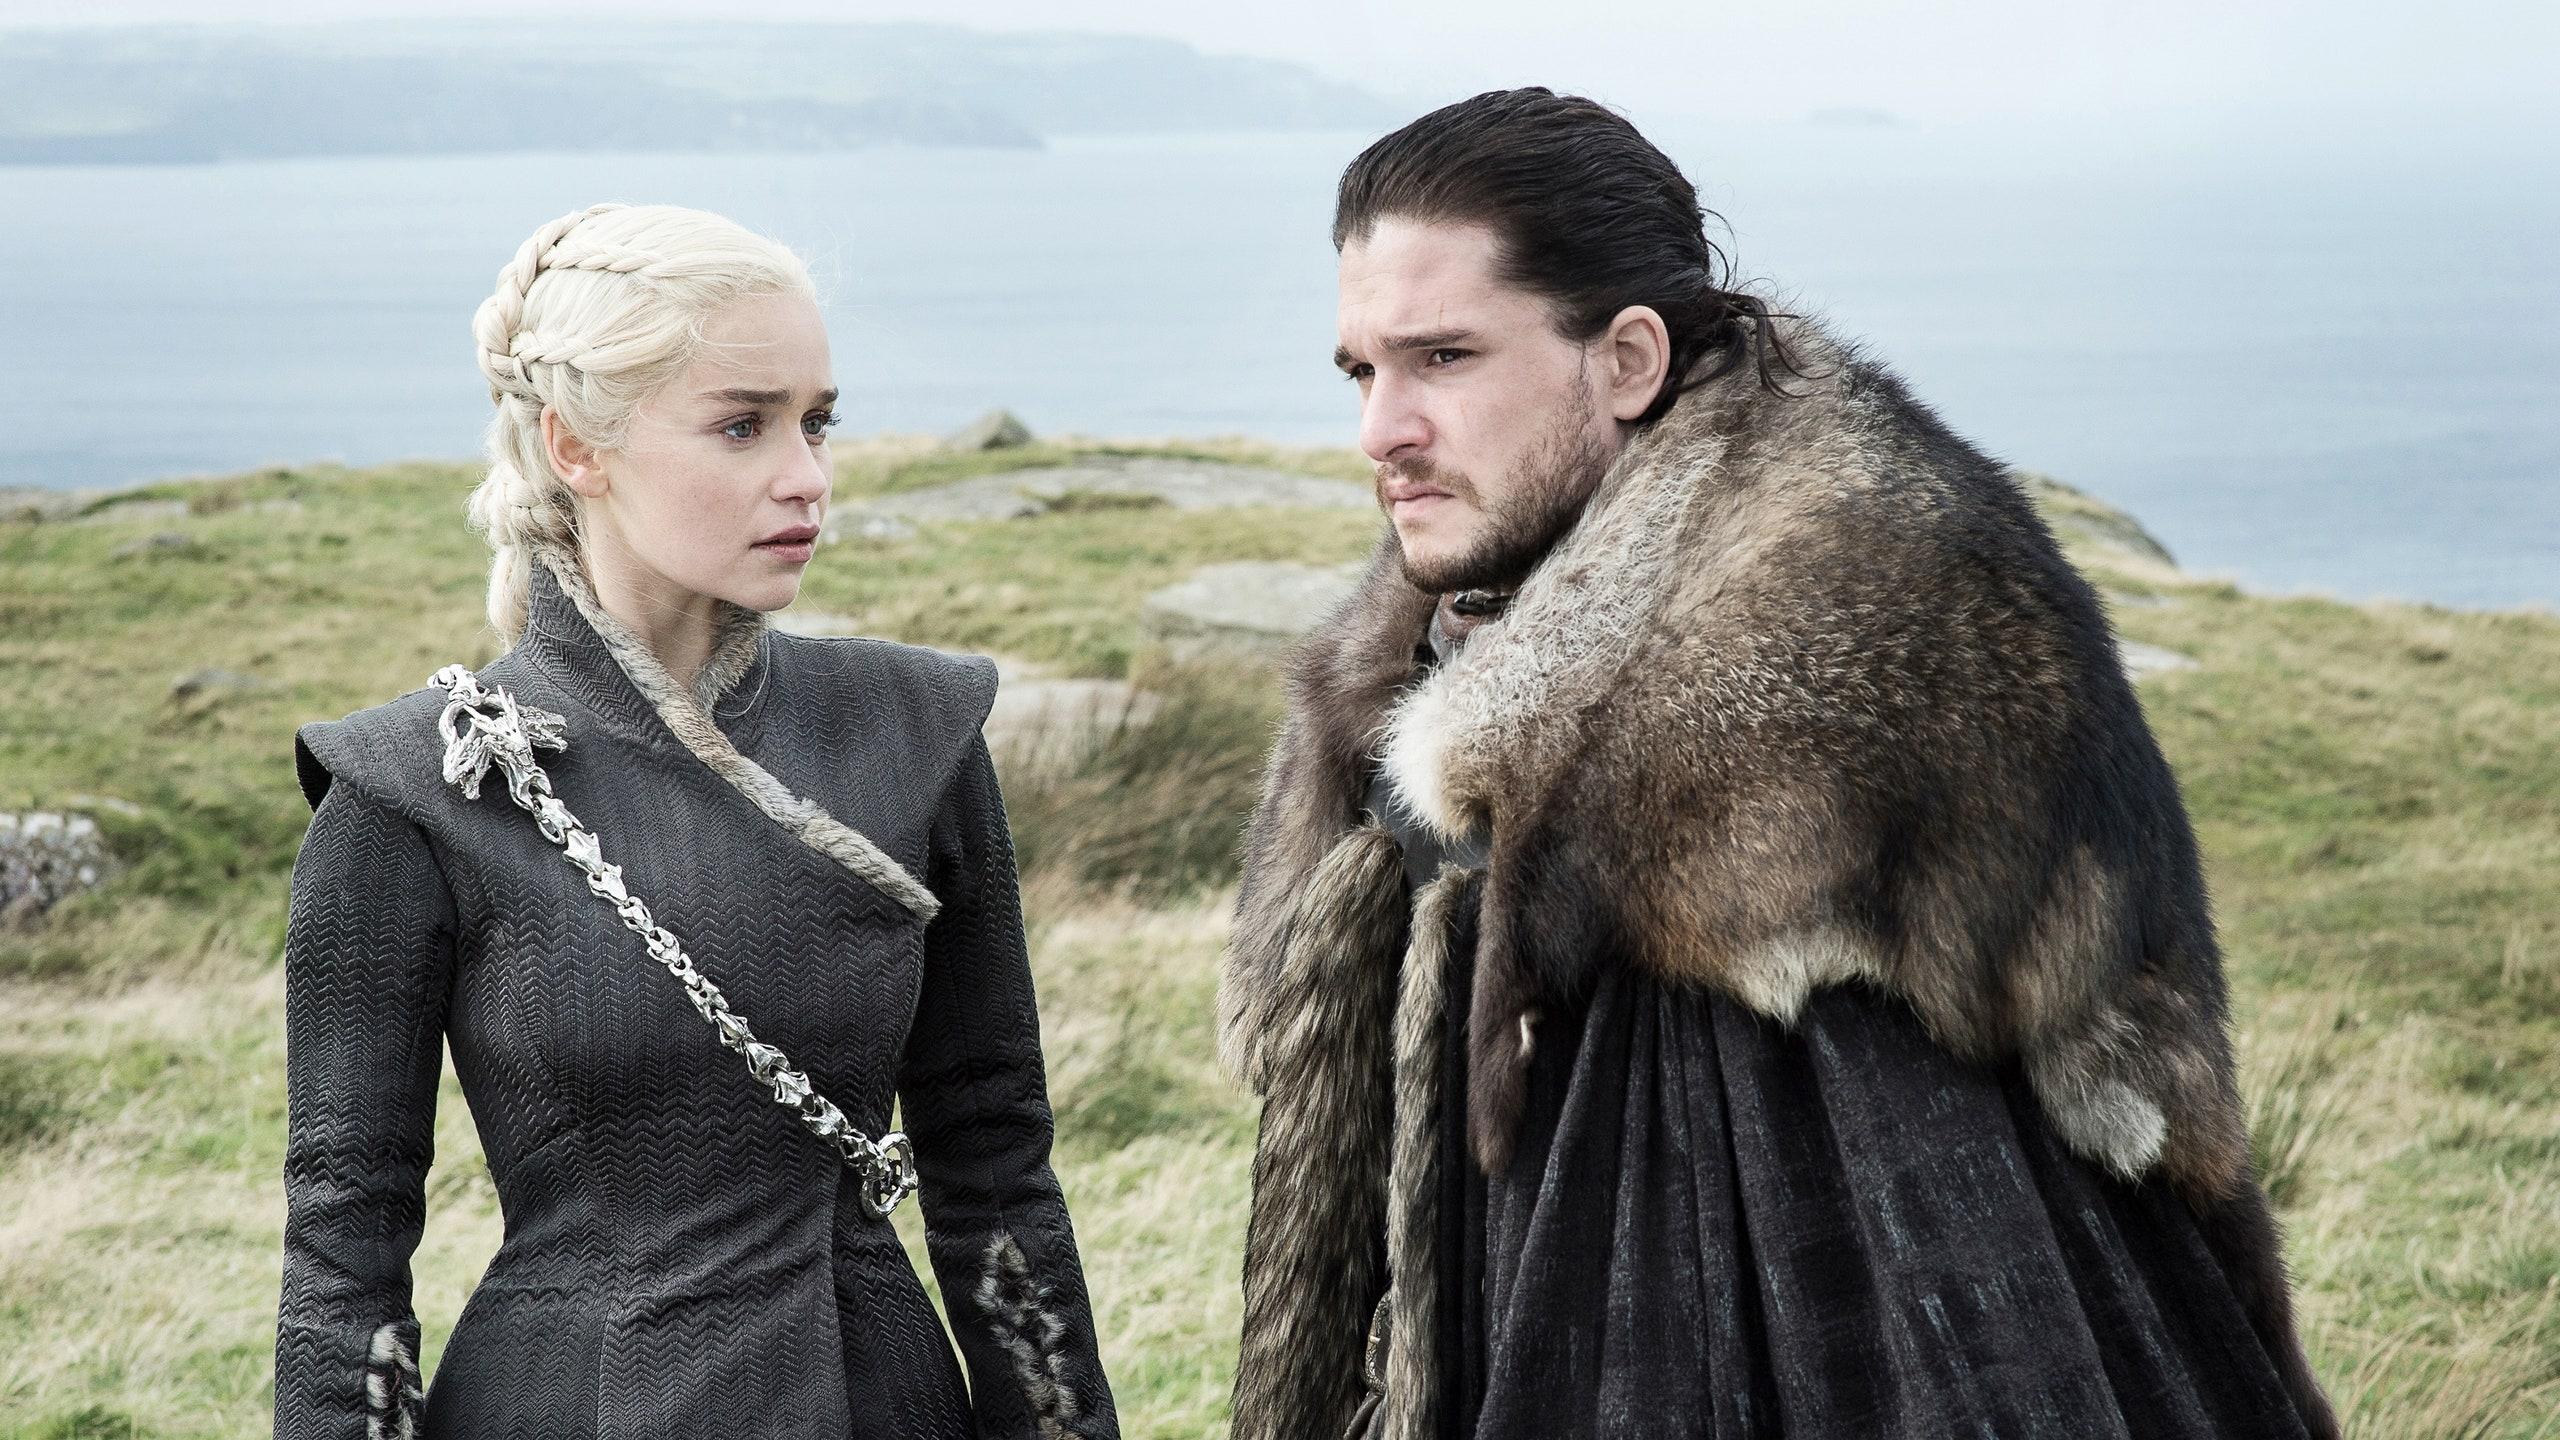 امیلیا کلارک بازیگر نقش دنریس تارگرین در سریال بازی تاج و تخت (Game of Thrones) مدعی شده که بازیگران مرد این سریال یک سیستم خنک کننده داشته اند.